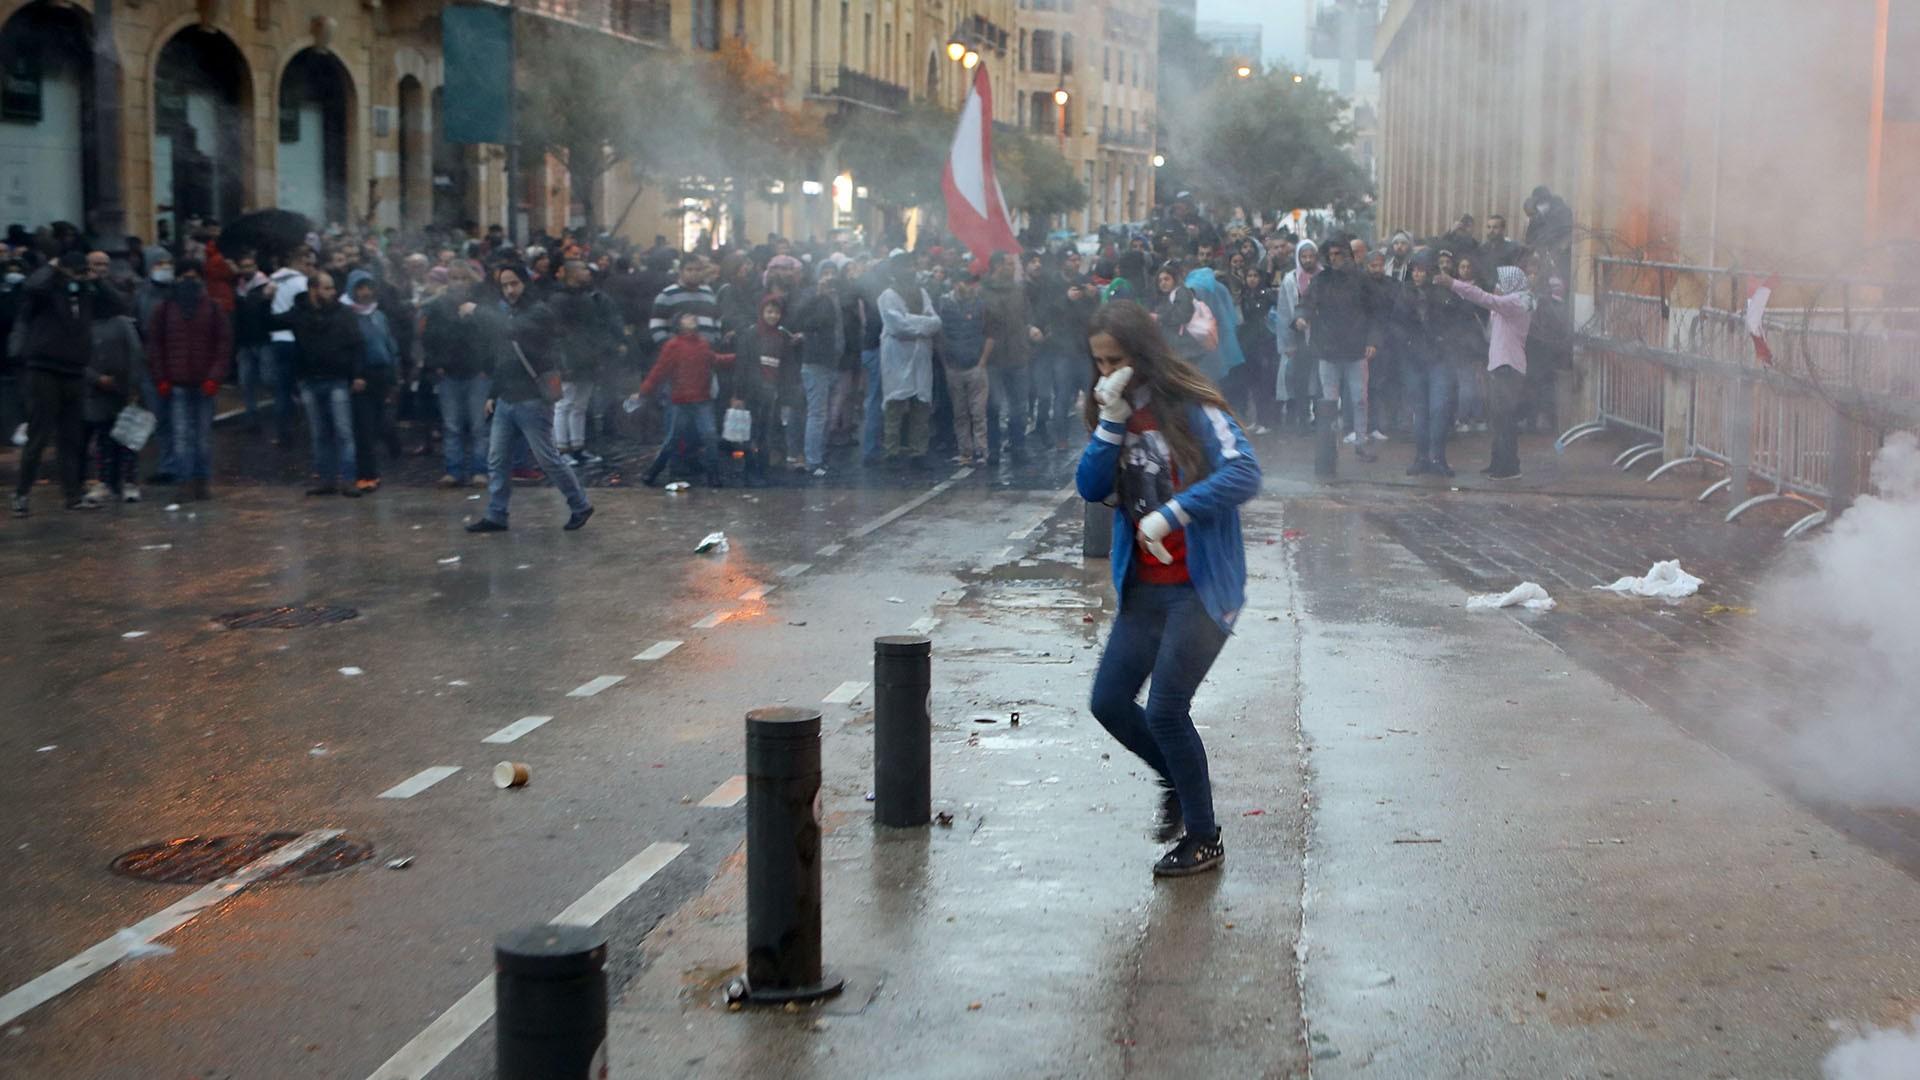 لبنان-..-حراك-متواصل-وترقب-لإعلان-الحكومة